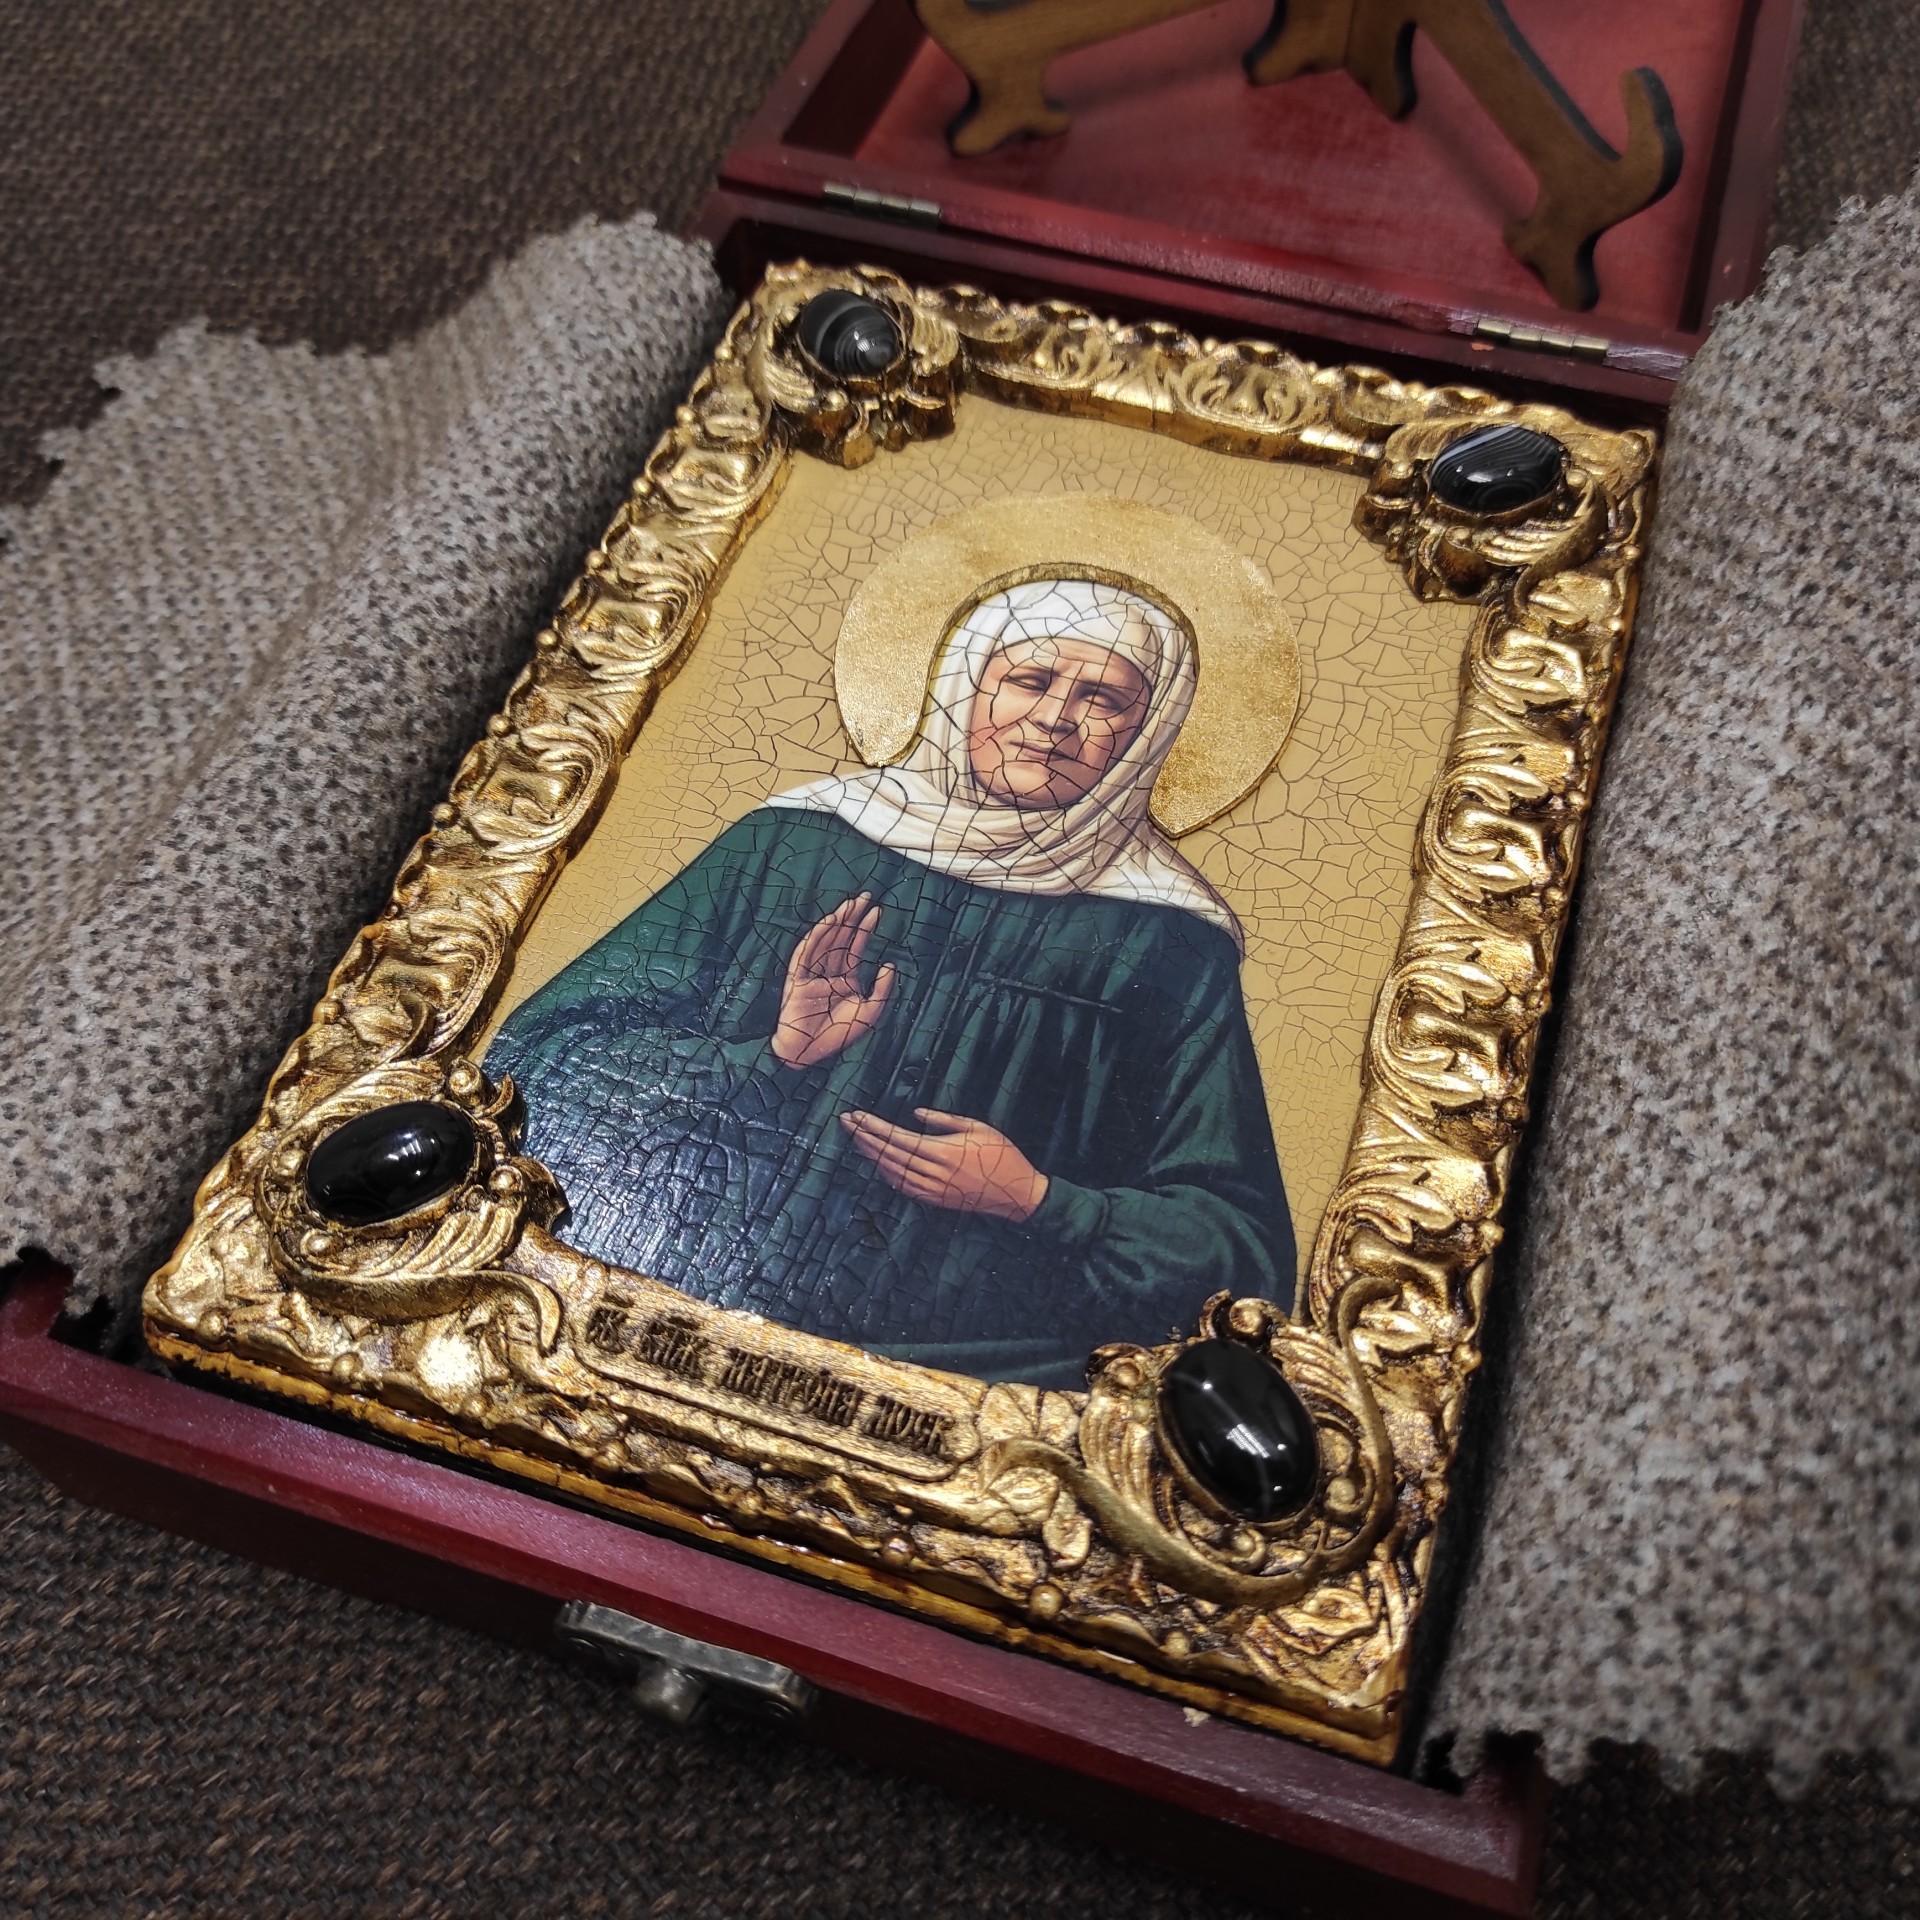 Фото иконы Матроны Московской уложенной в футляр 2